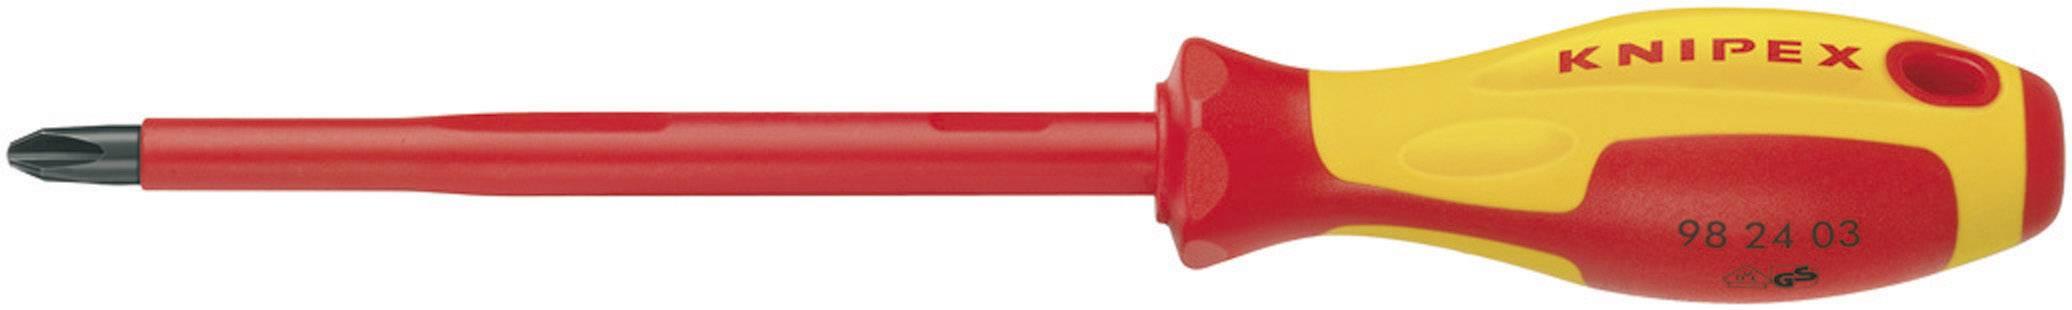 Krížový skrutkovač VDE Knipex 98 24 03, PH 3, dĺžka čepele: 150 mm